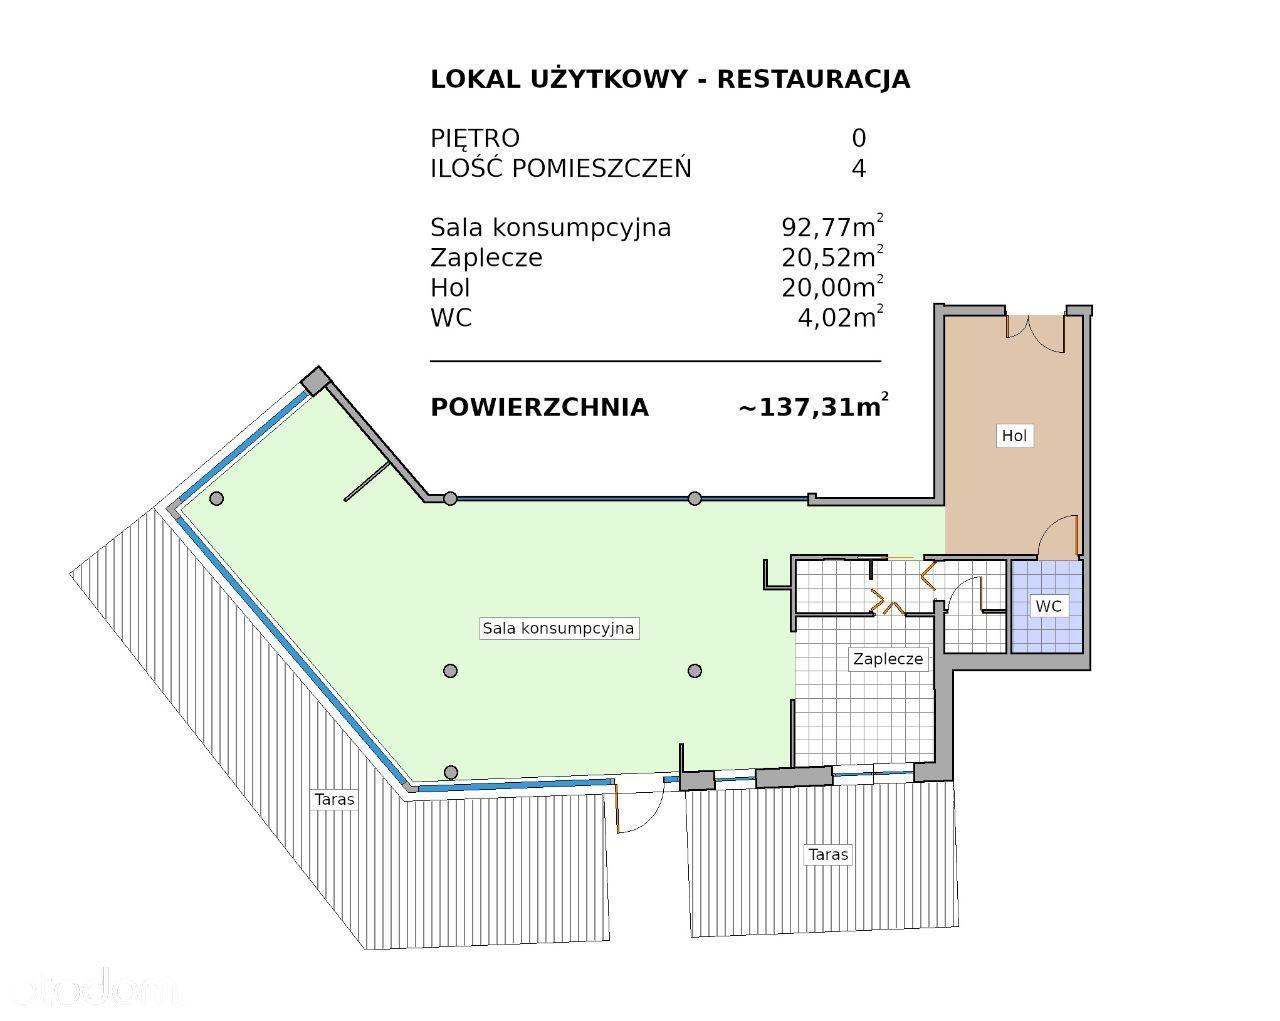 Lokal usługowy - Restauracja